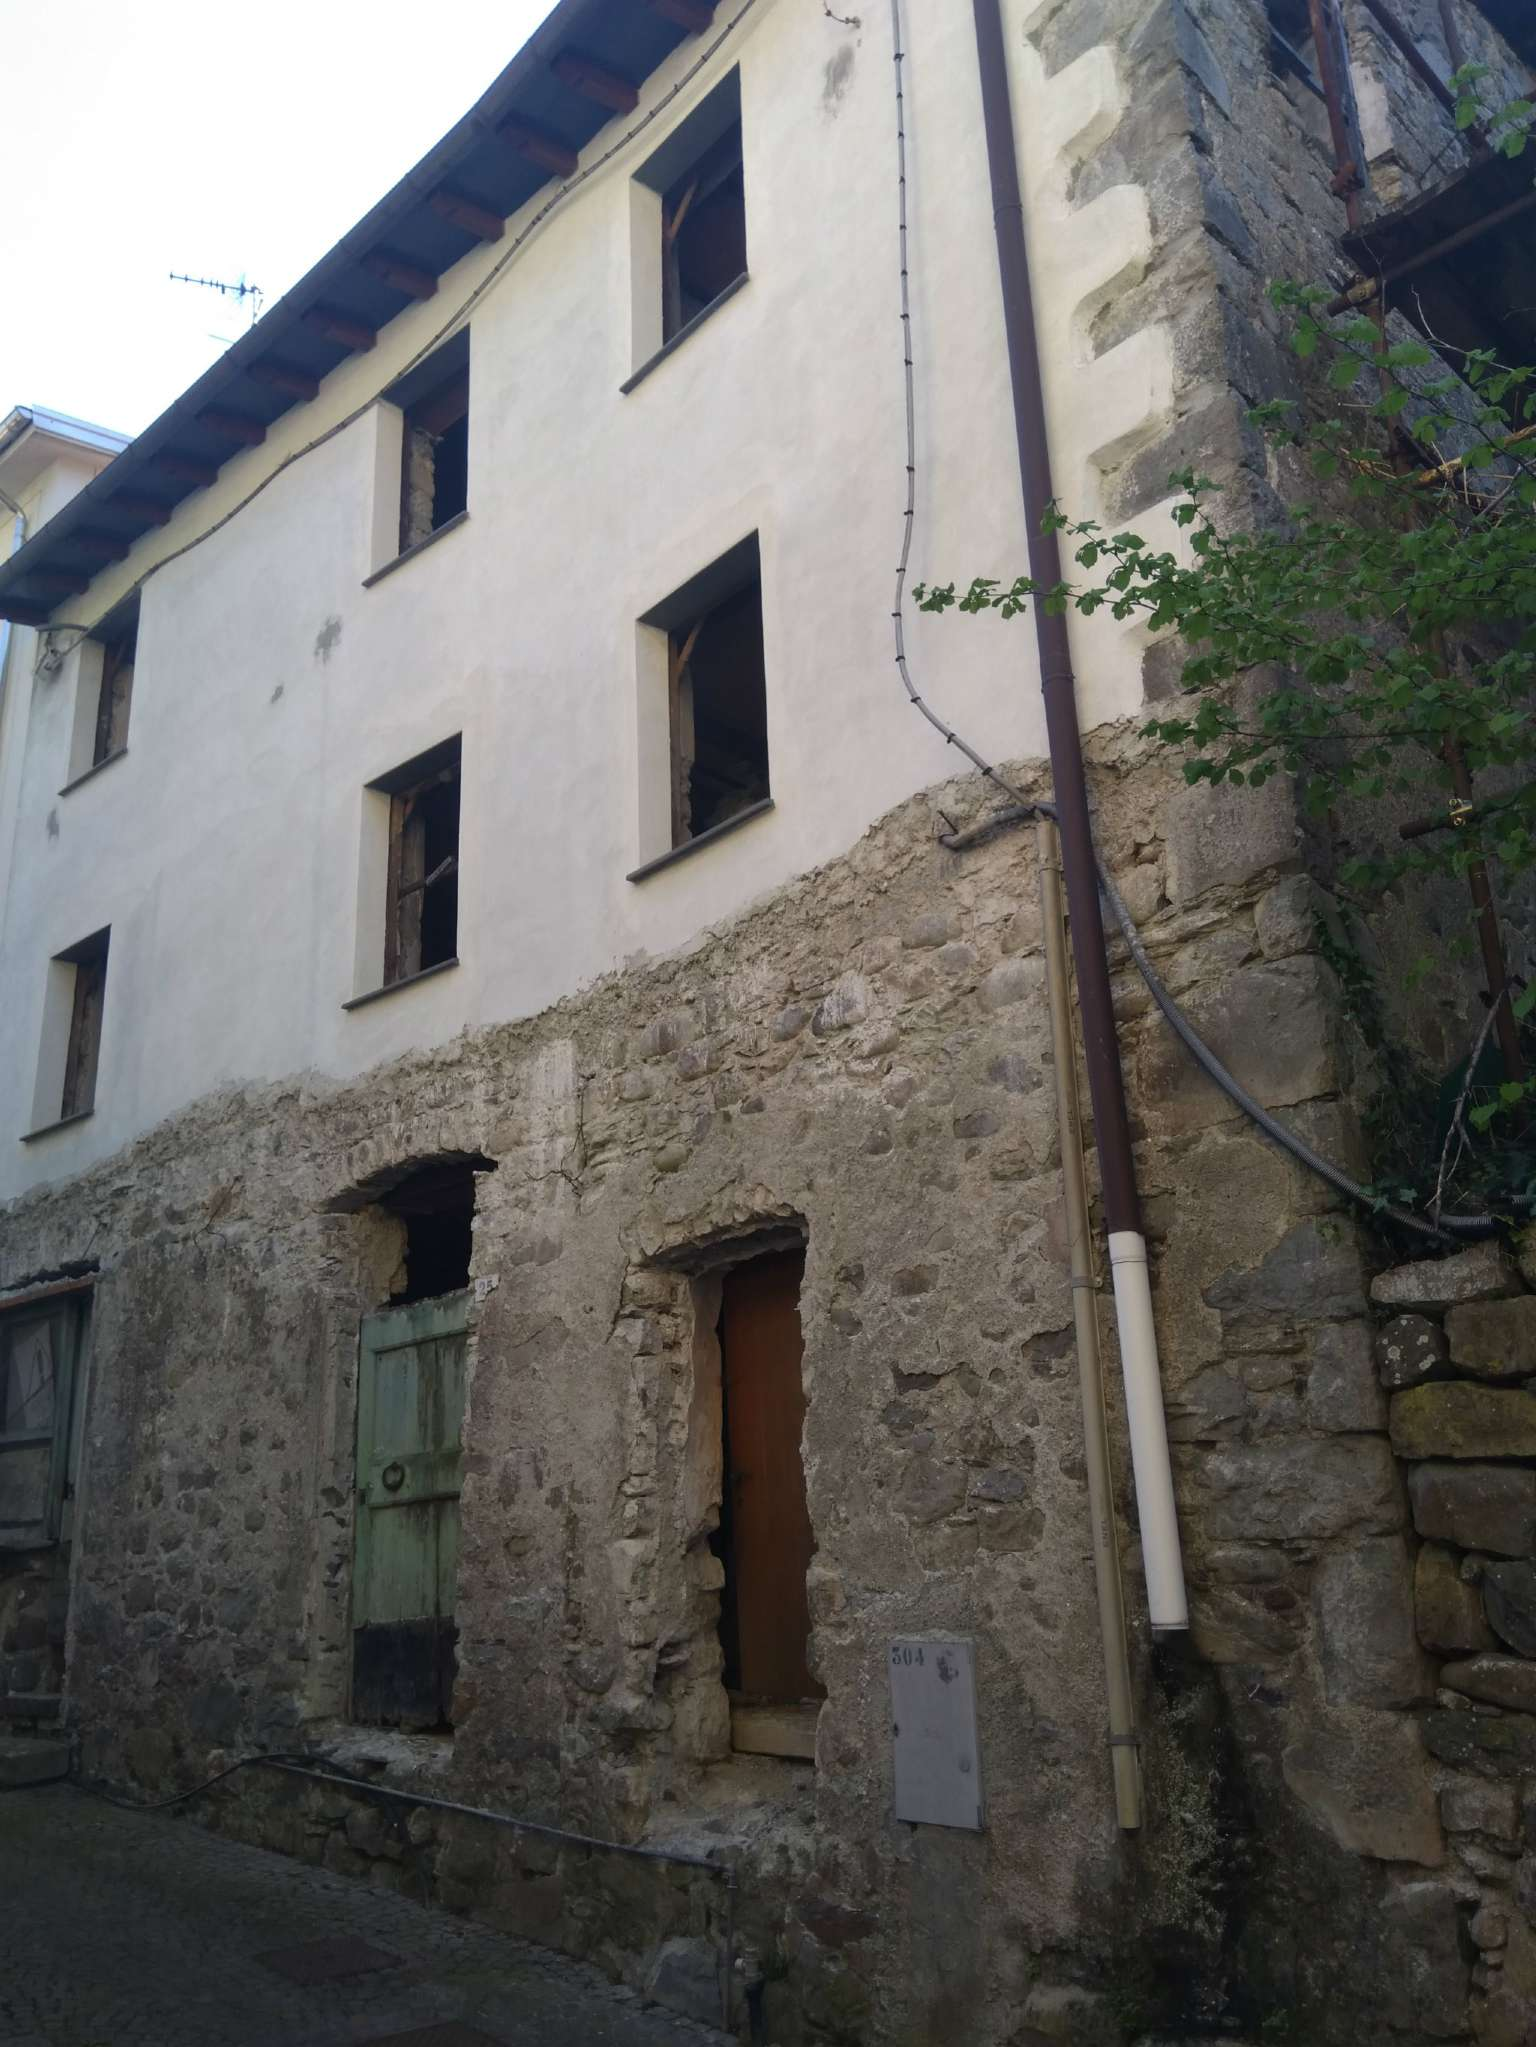 Rustico / Casale in vendita a Mezzanego, 7 locali, prezzo € 40.000 | CambioCasa.it